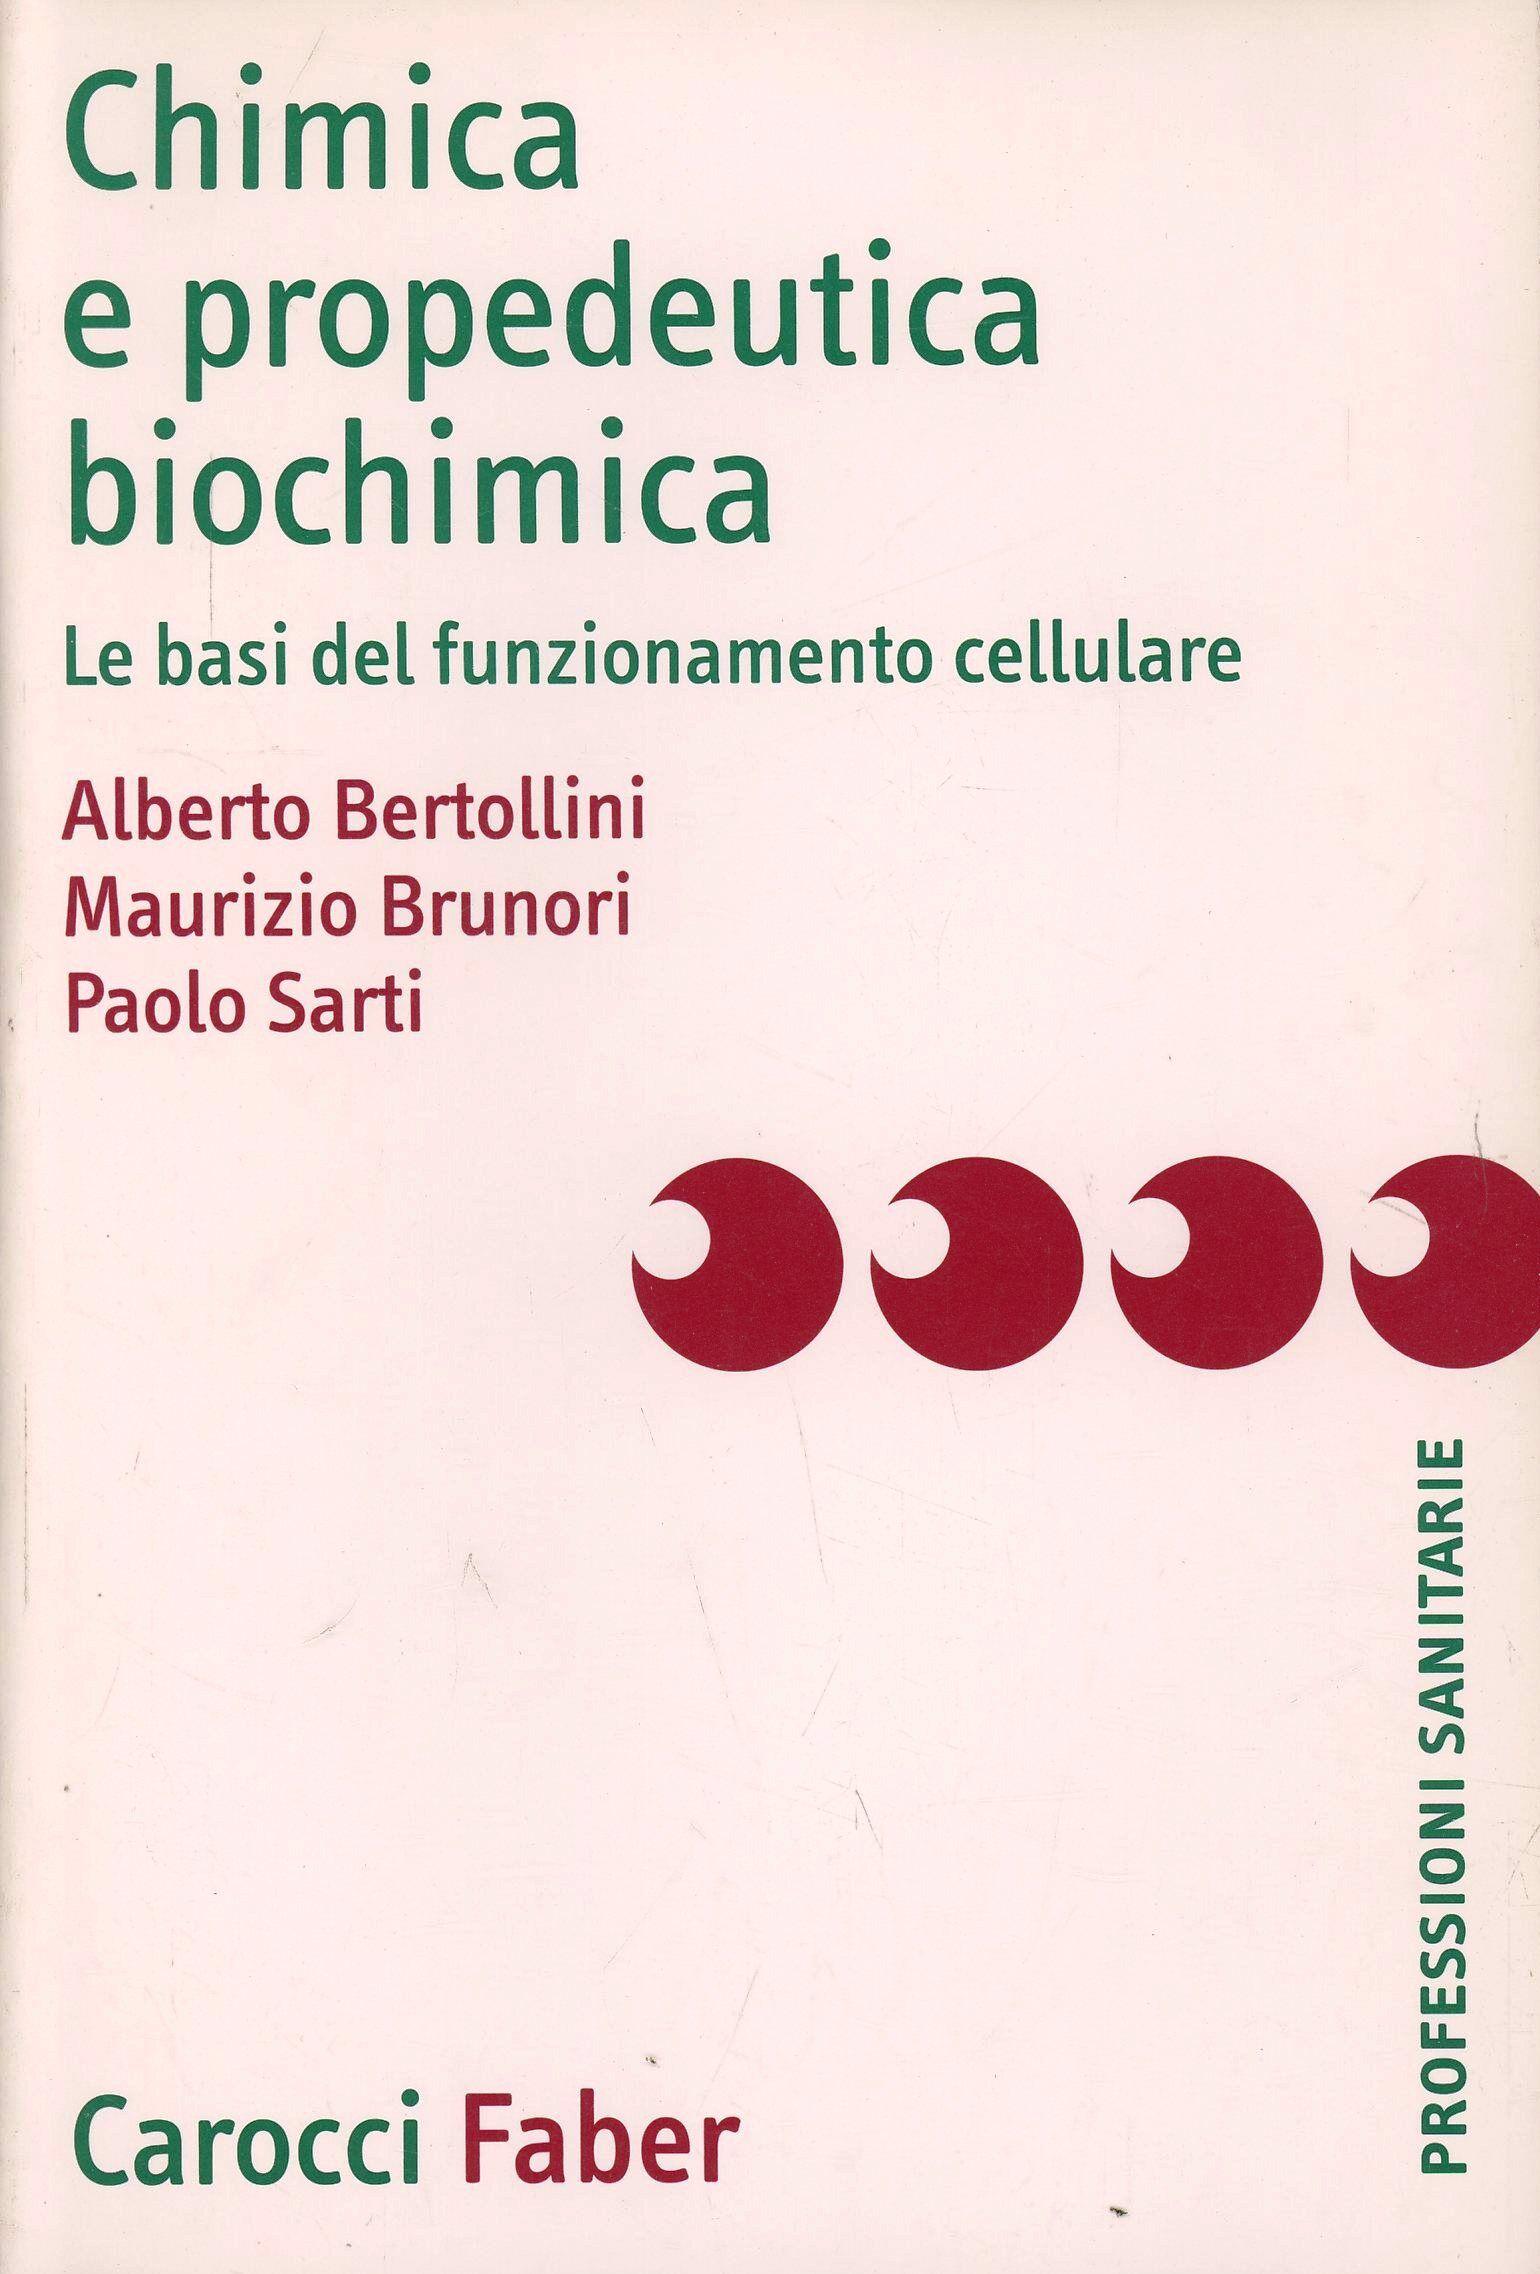 Chimica e propedeutica biochimica. Le basi del funzionamento cellulare